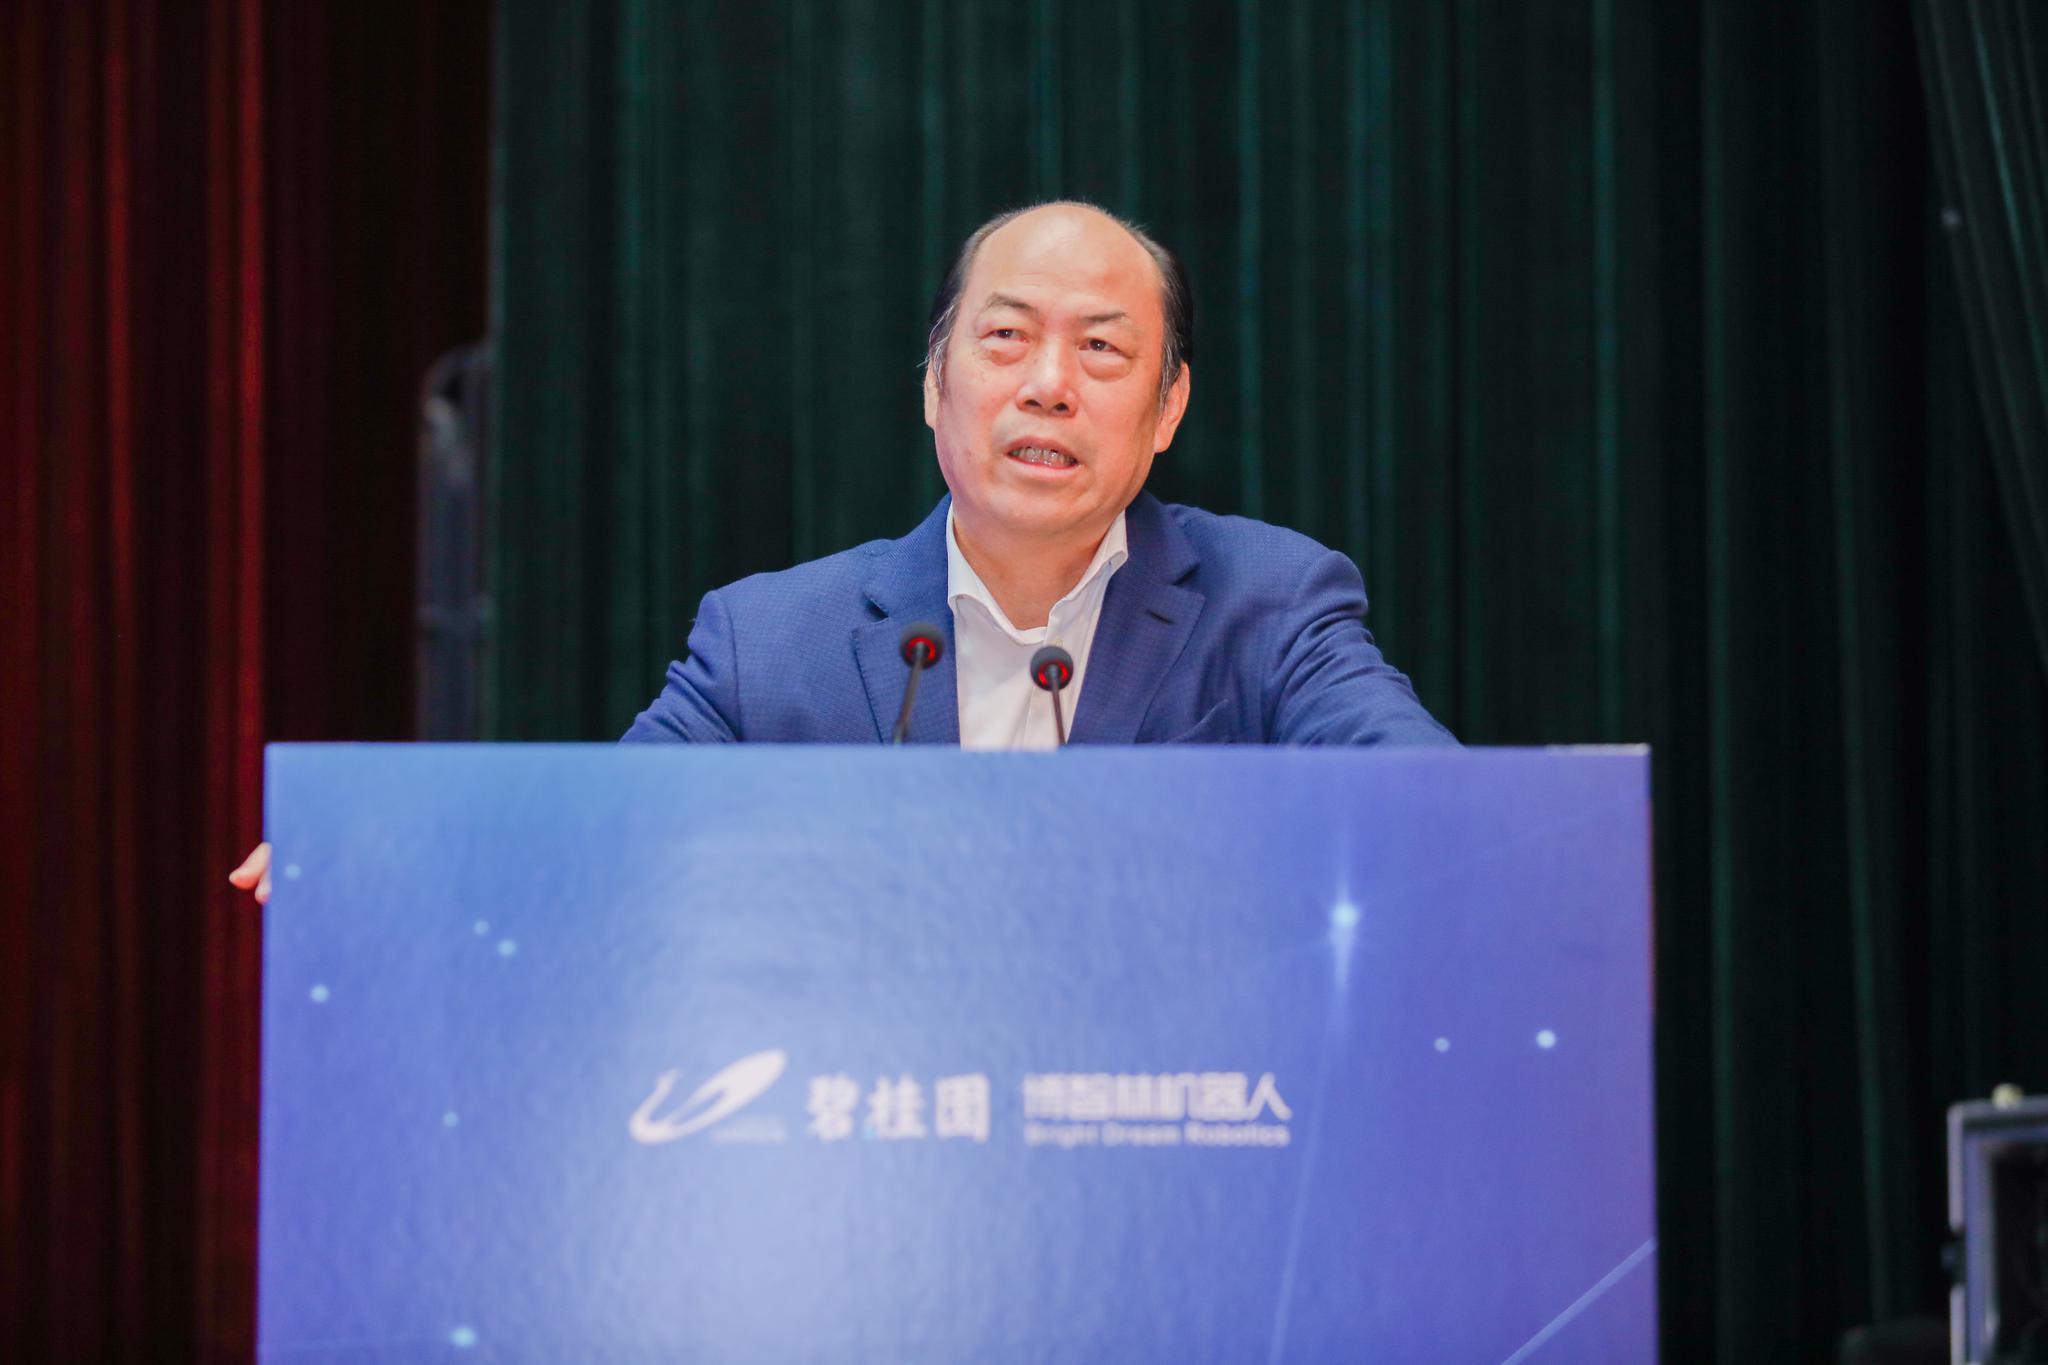 中国彩经网,宁波东力子公司涉合同诈骗 旗下50个银行账户遭冻结